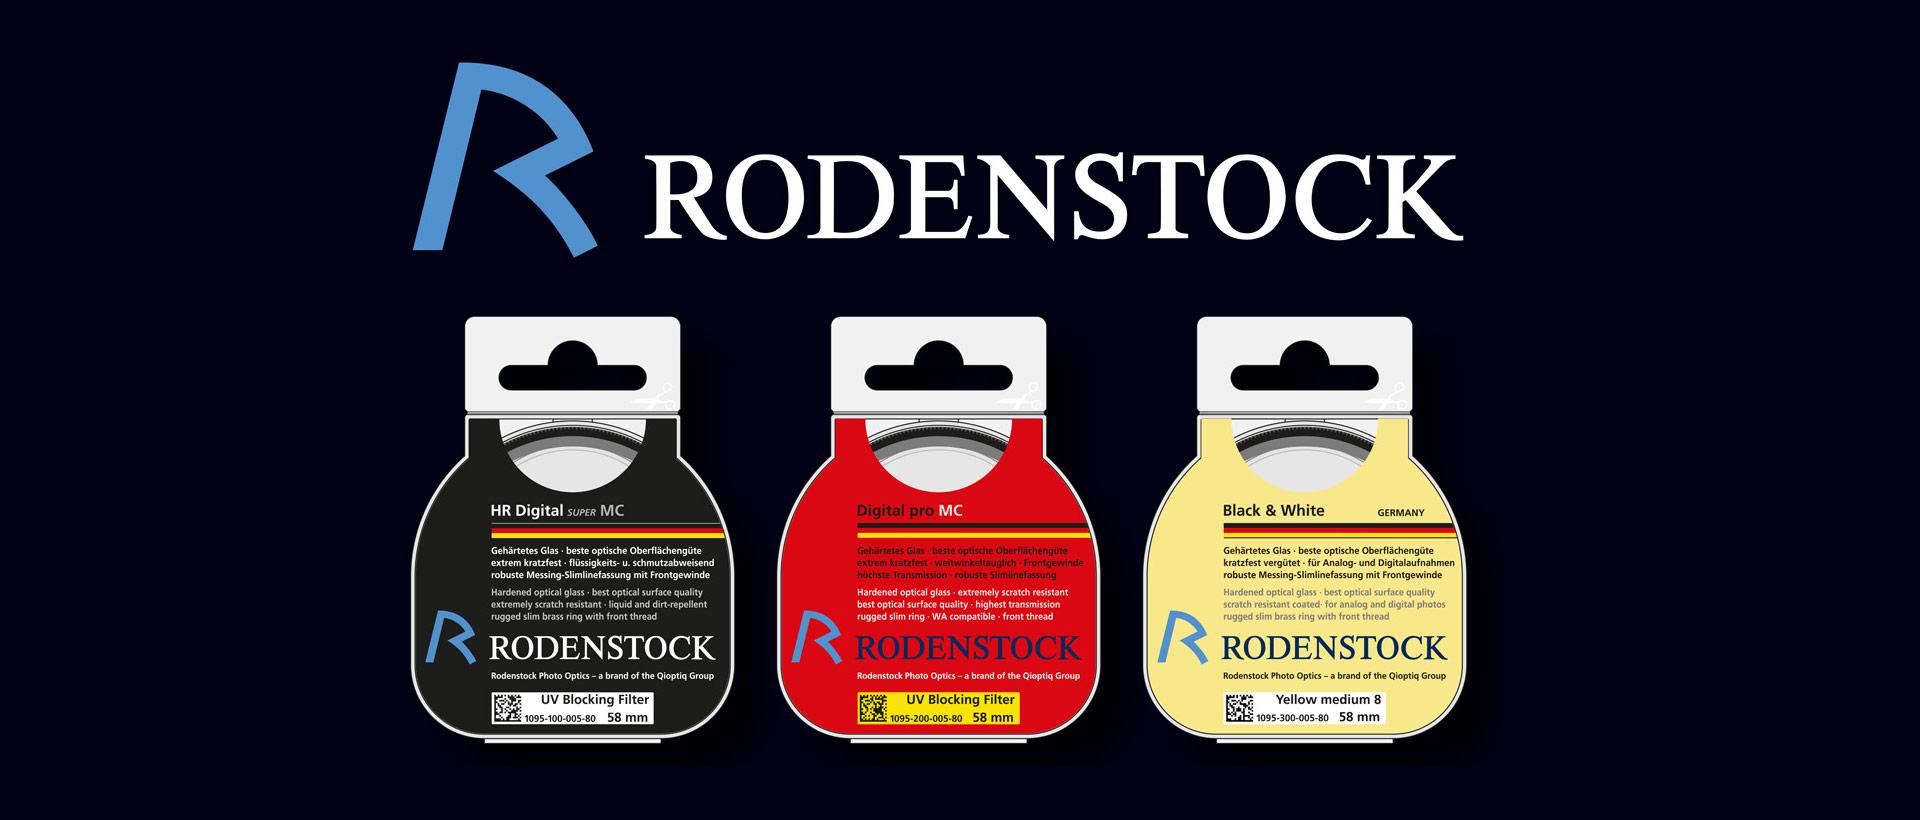 Rodenstock Filter @ PHOTOHAUS.de